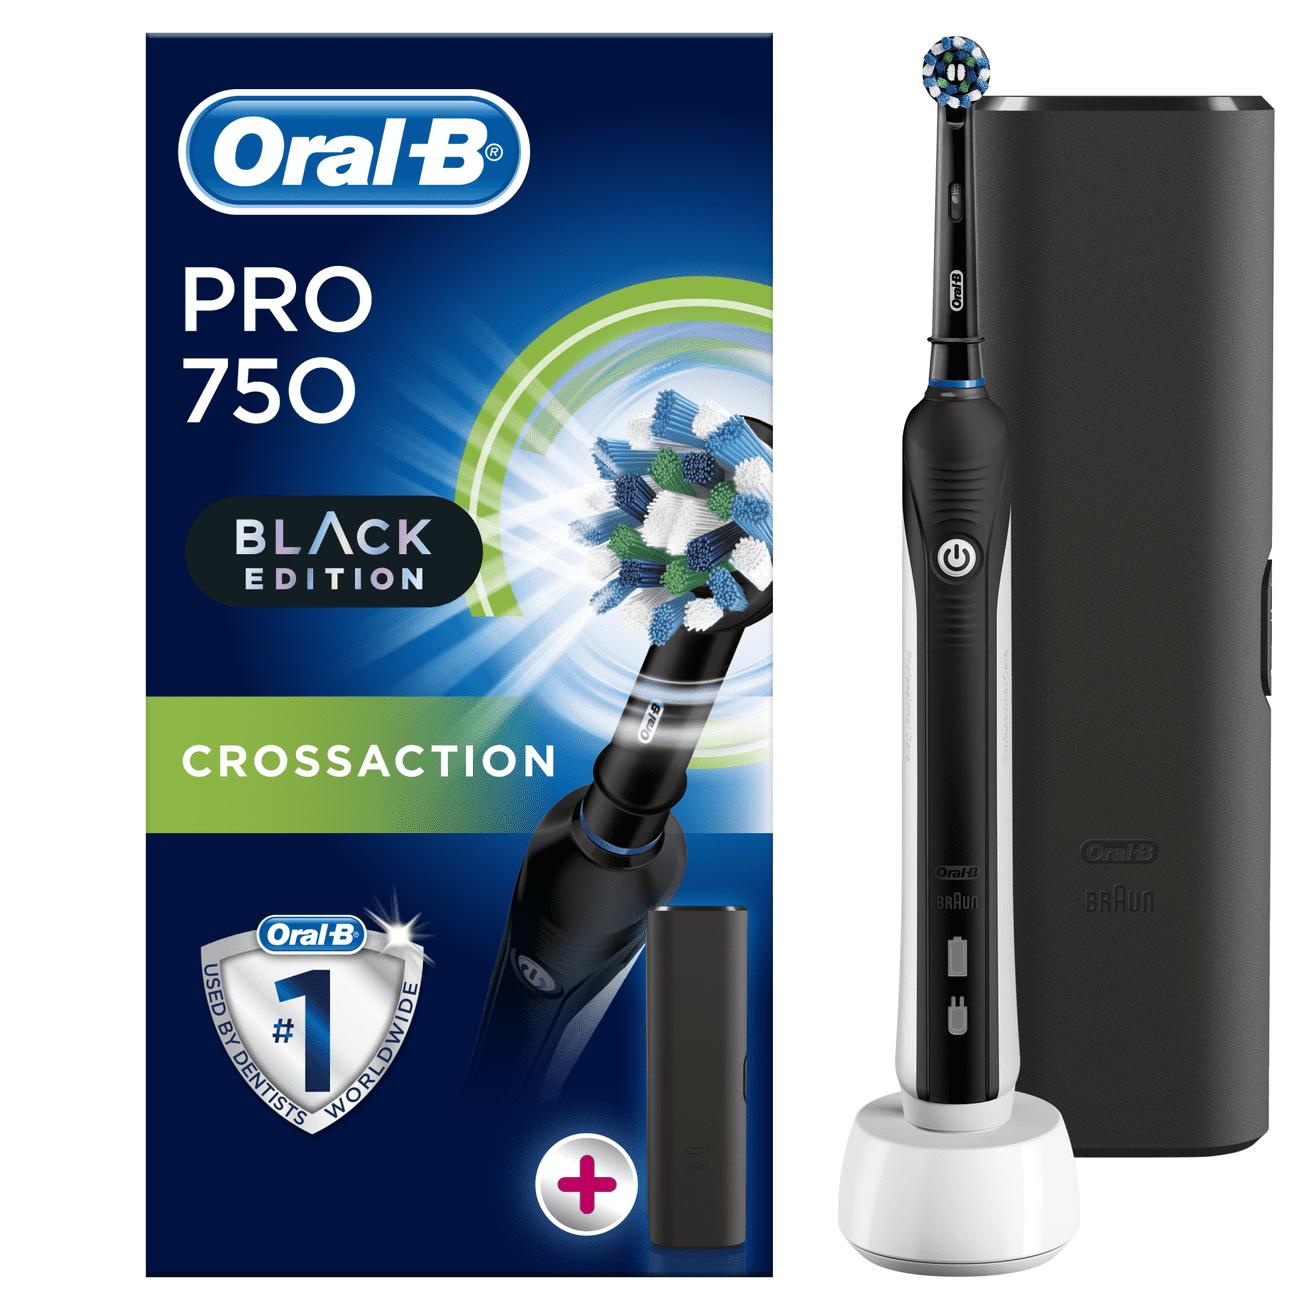 Oral-B Pro 750 Cross Action Black Edition + Travel Case 100% helyzetérzékelés